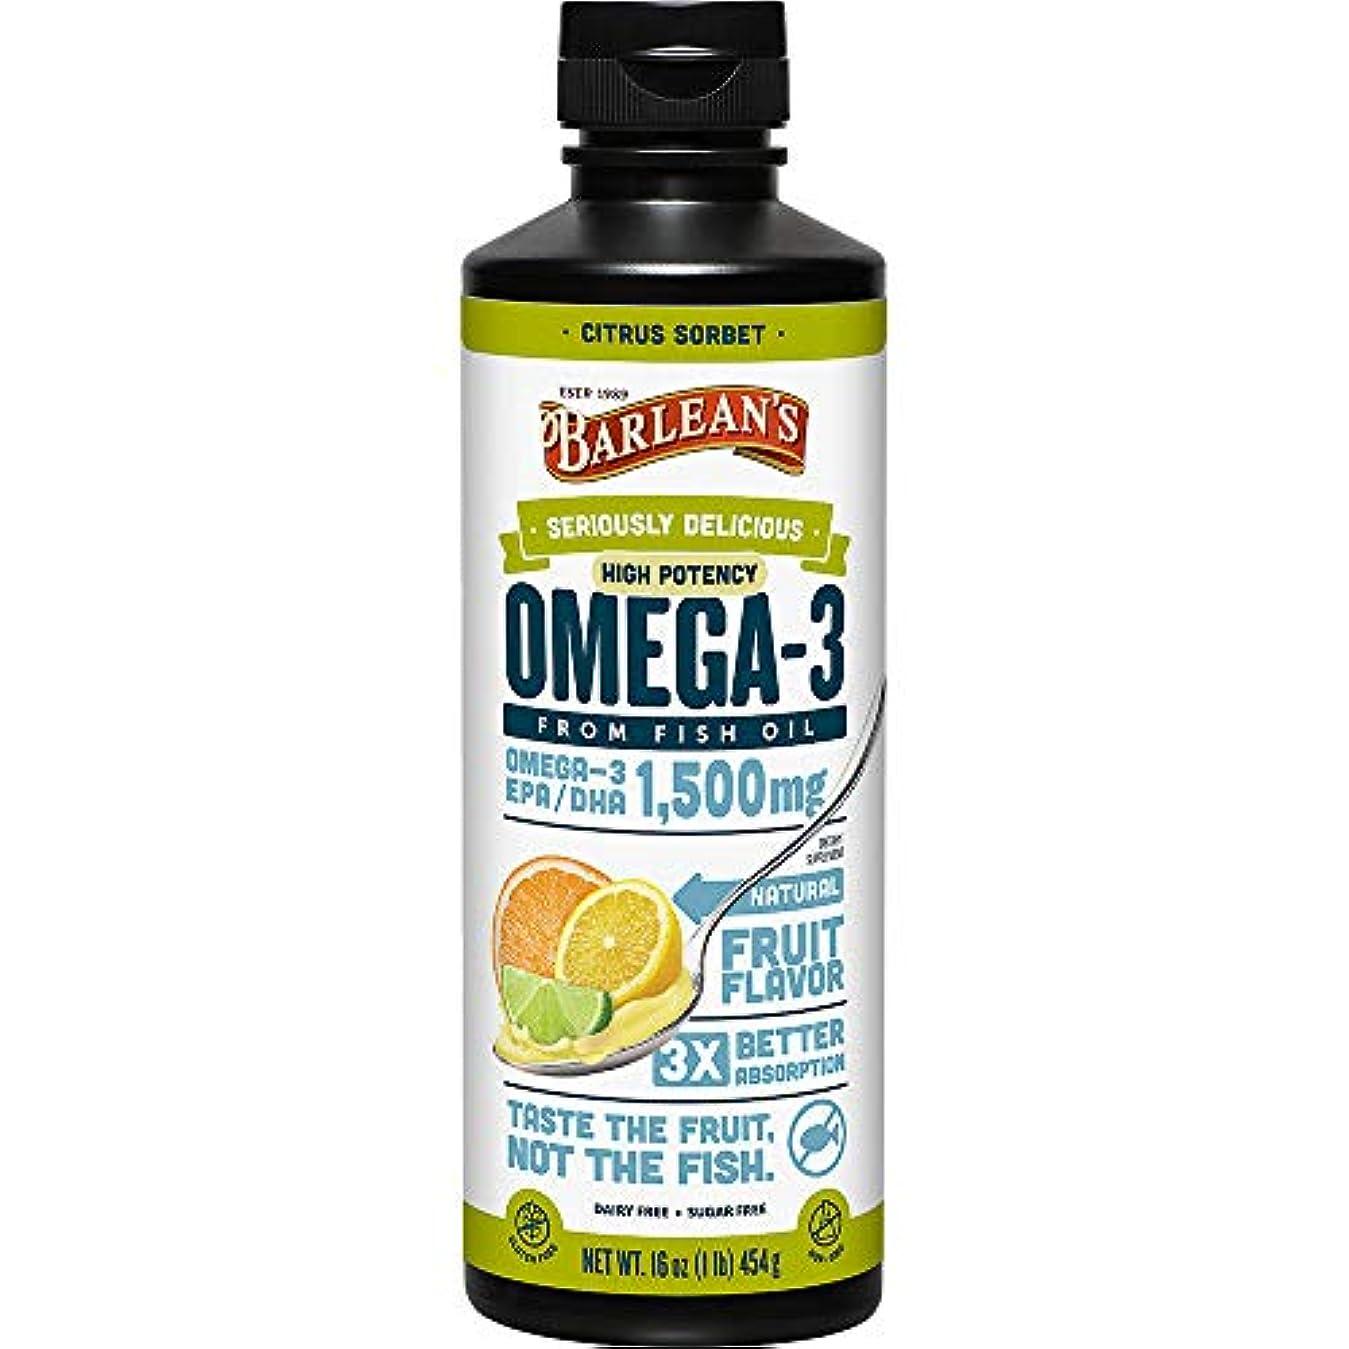 論理的参照しょっぱいOmega Swirl, Ultra High Potency Fish Oil, Citrus Sorbet - Barlean's - UK Seller by Barlean's